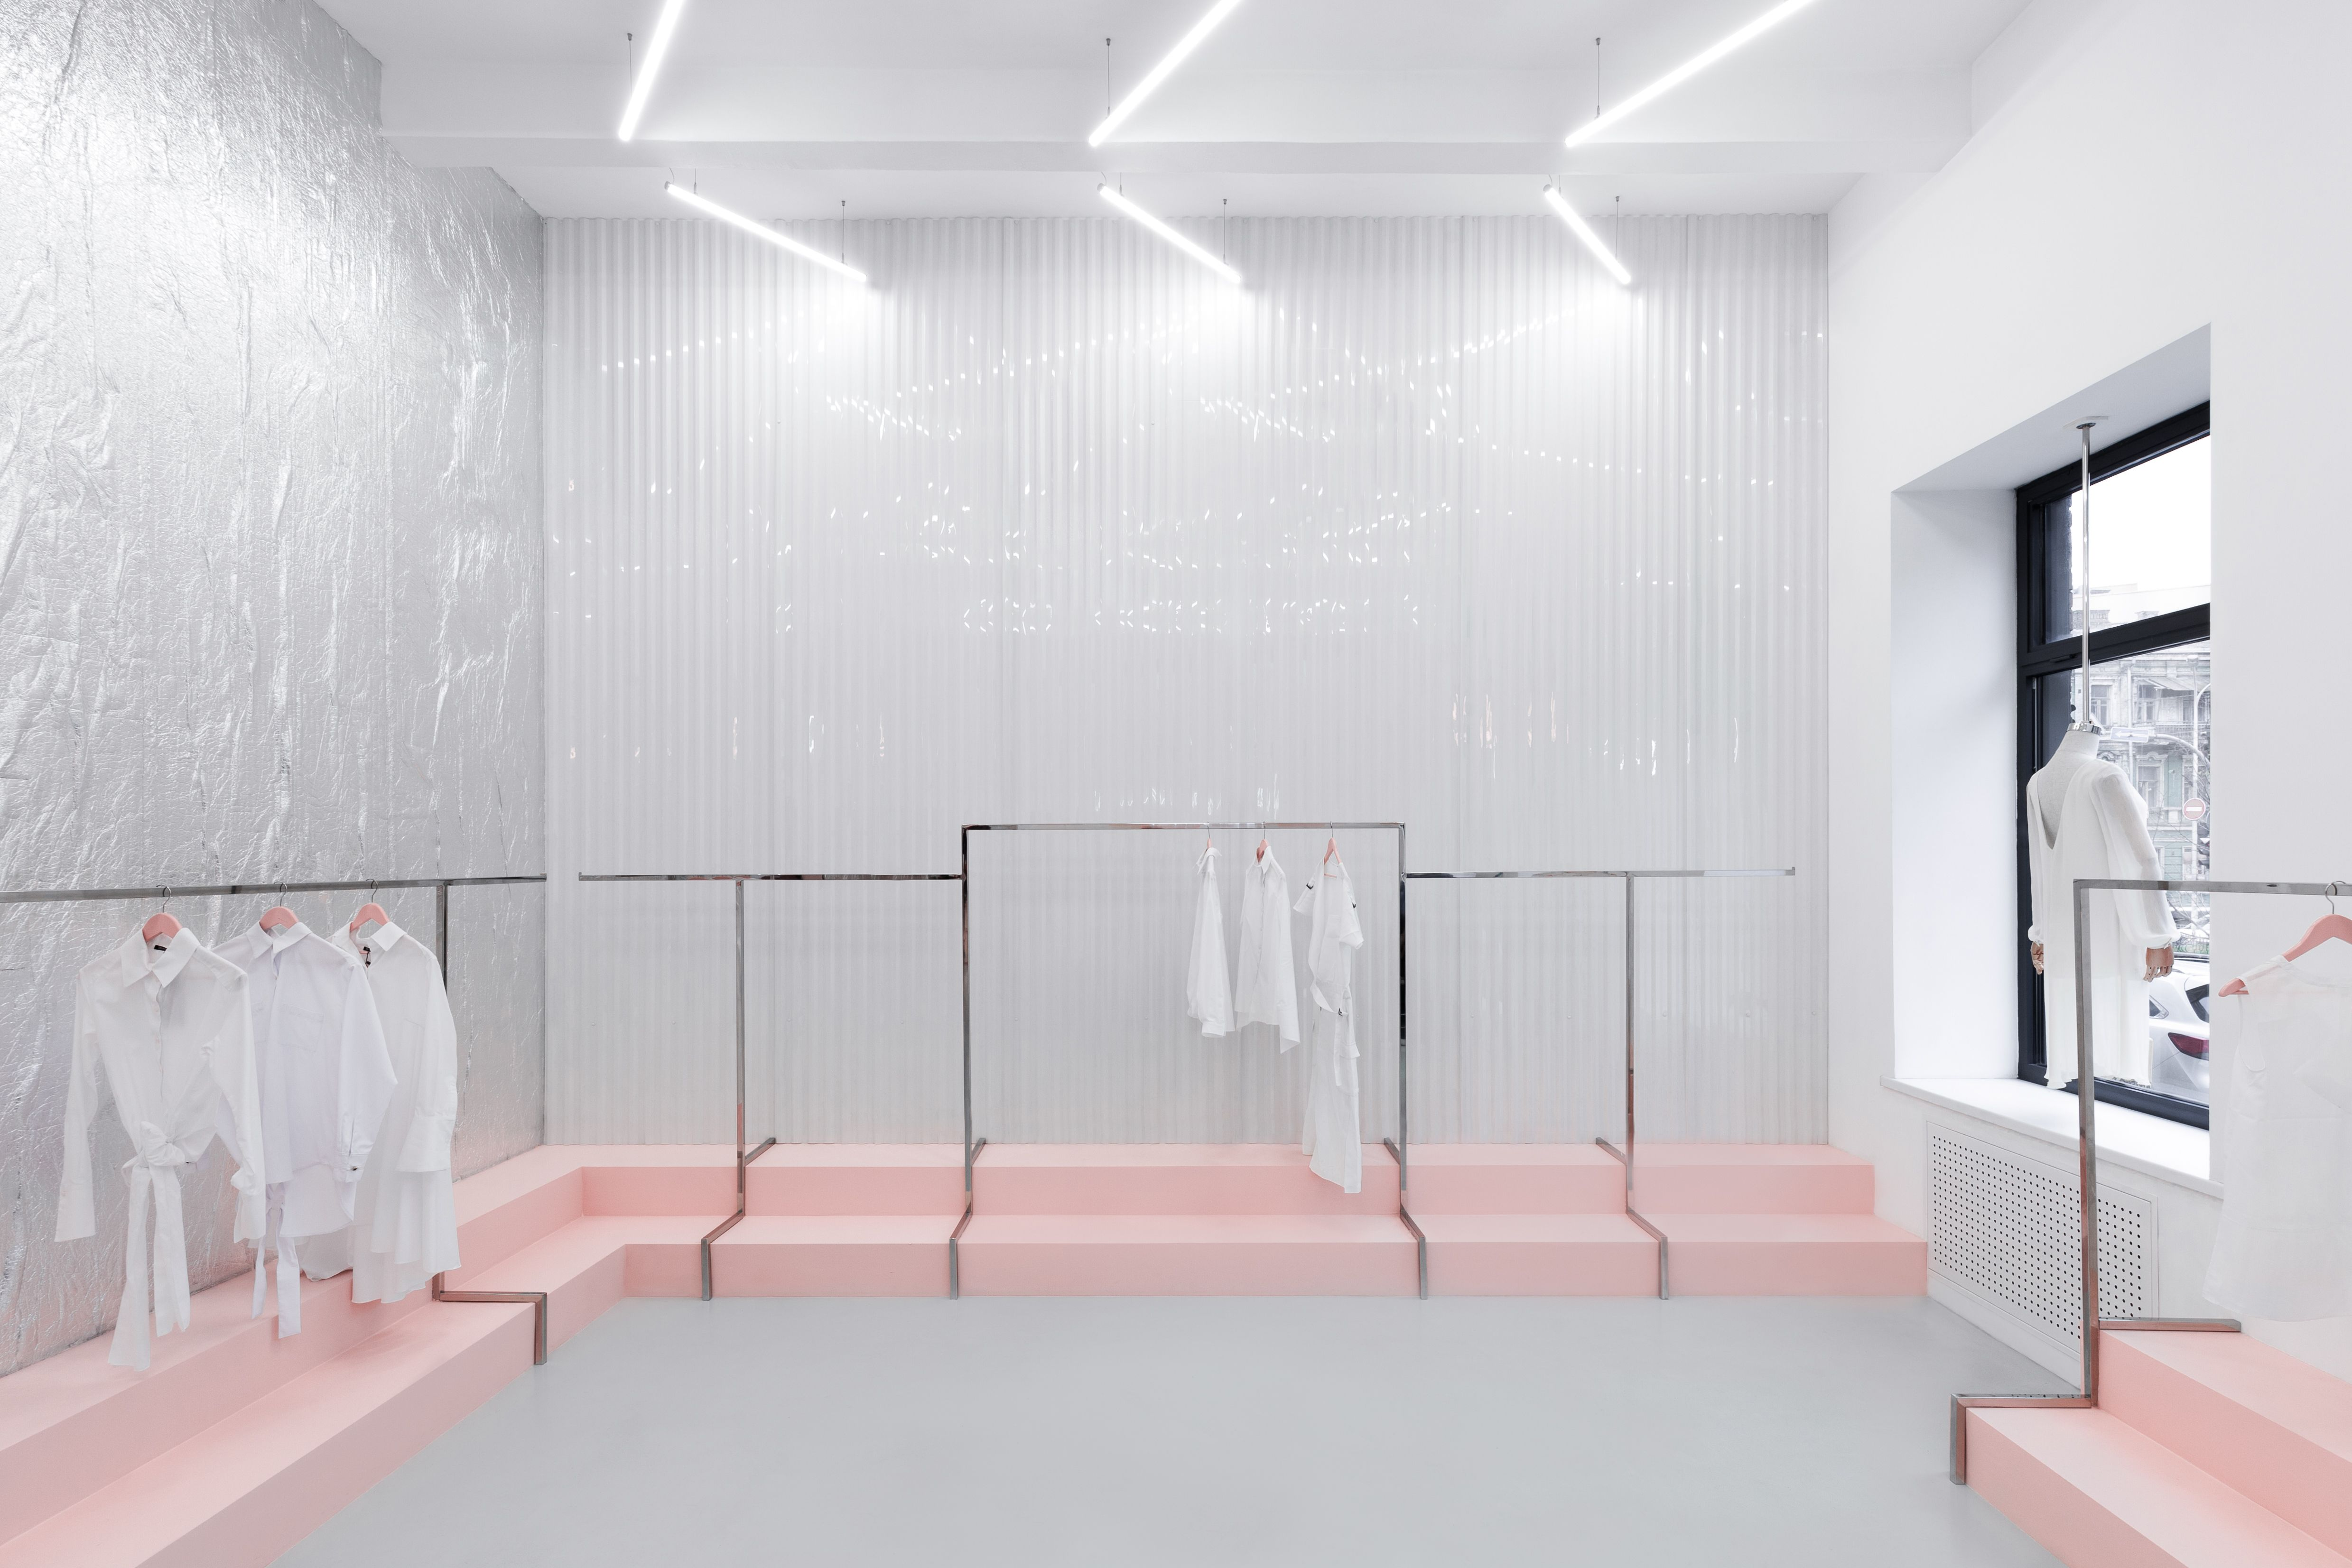 Around The World Store Design Interior Shop Interior Design Store Interior